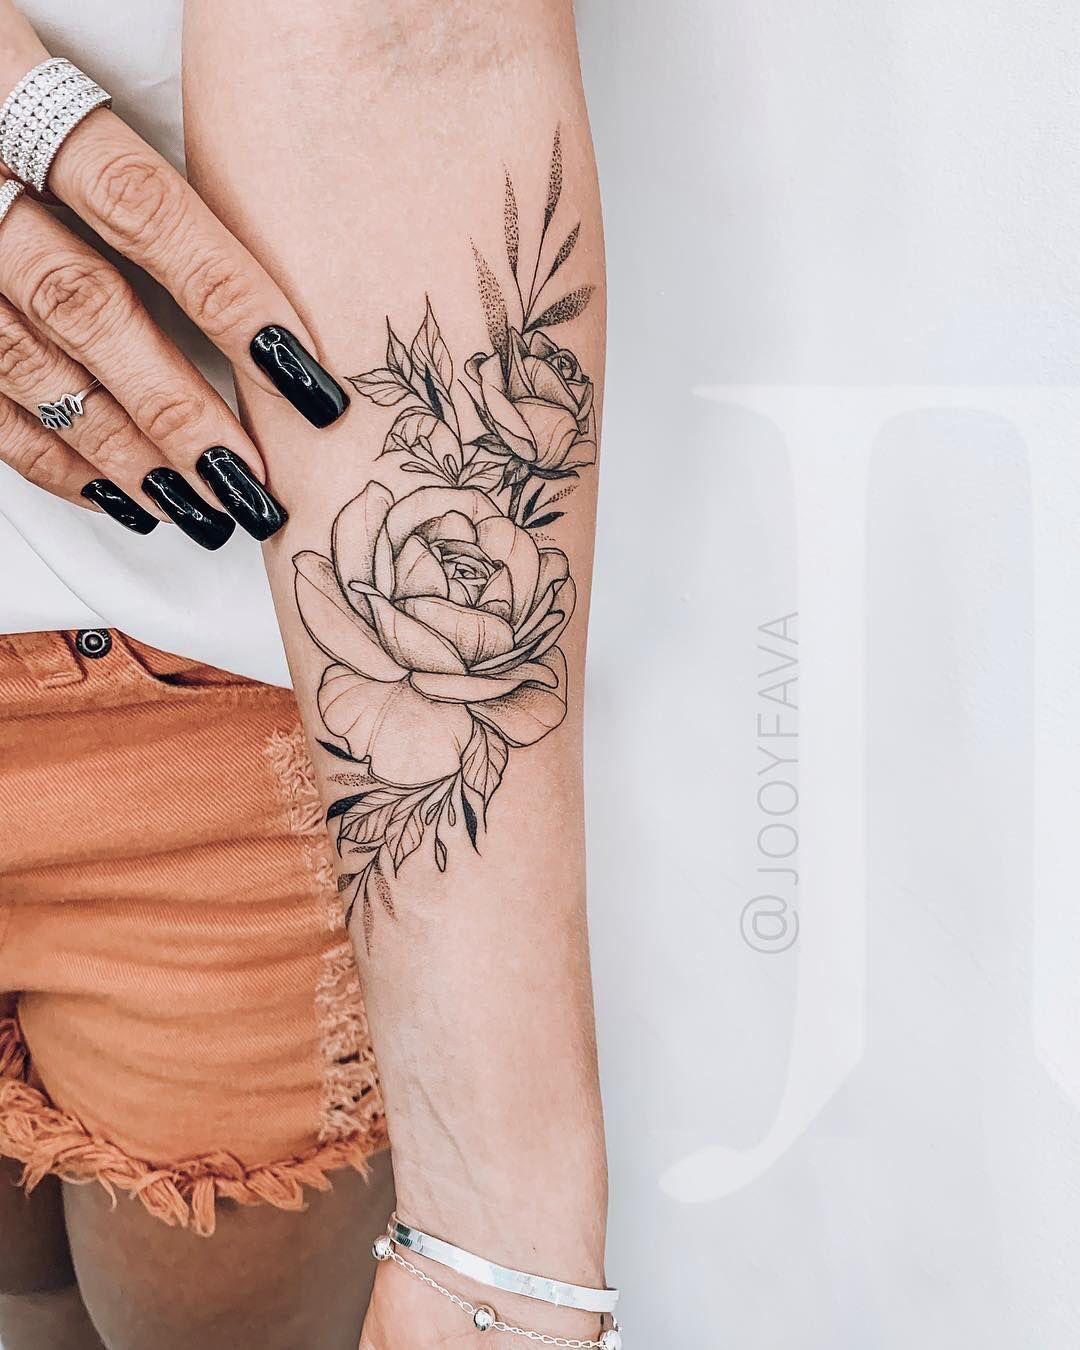 Tatuagem De Flores Small Forearm Tattoos Tattoos For Women Forearm Flower Tattoo